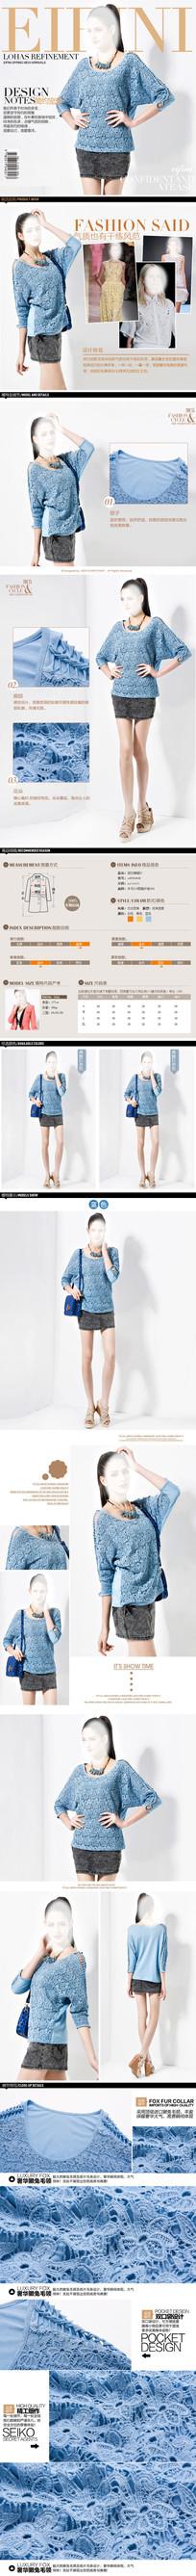 淘宝针织毛衣打底衫开衫详情页排版唯美女装